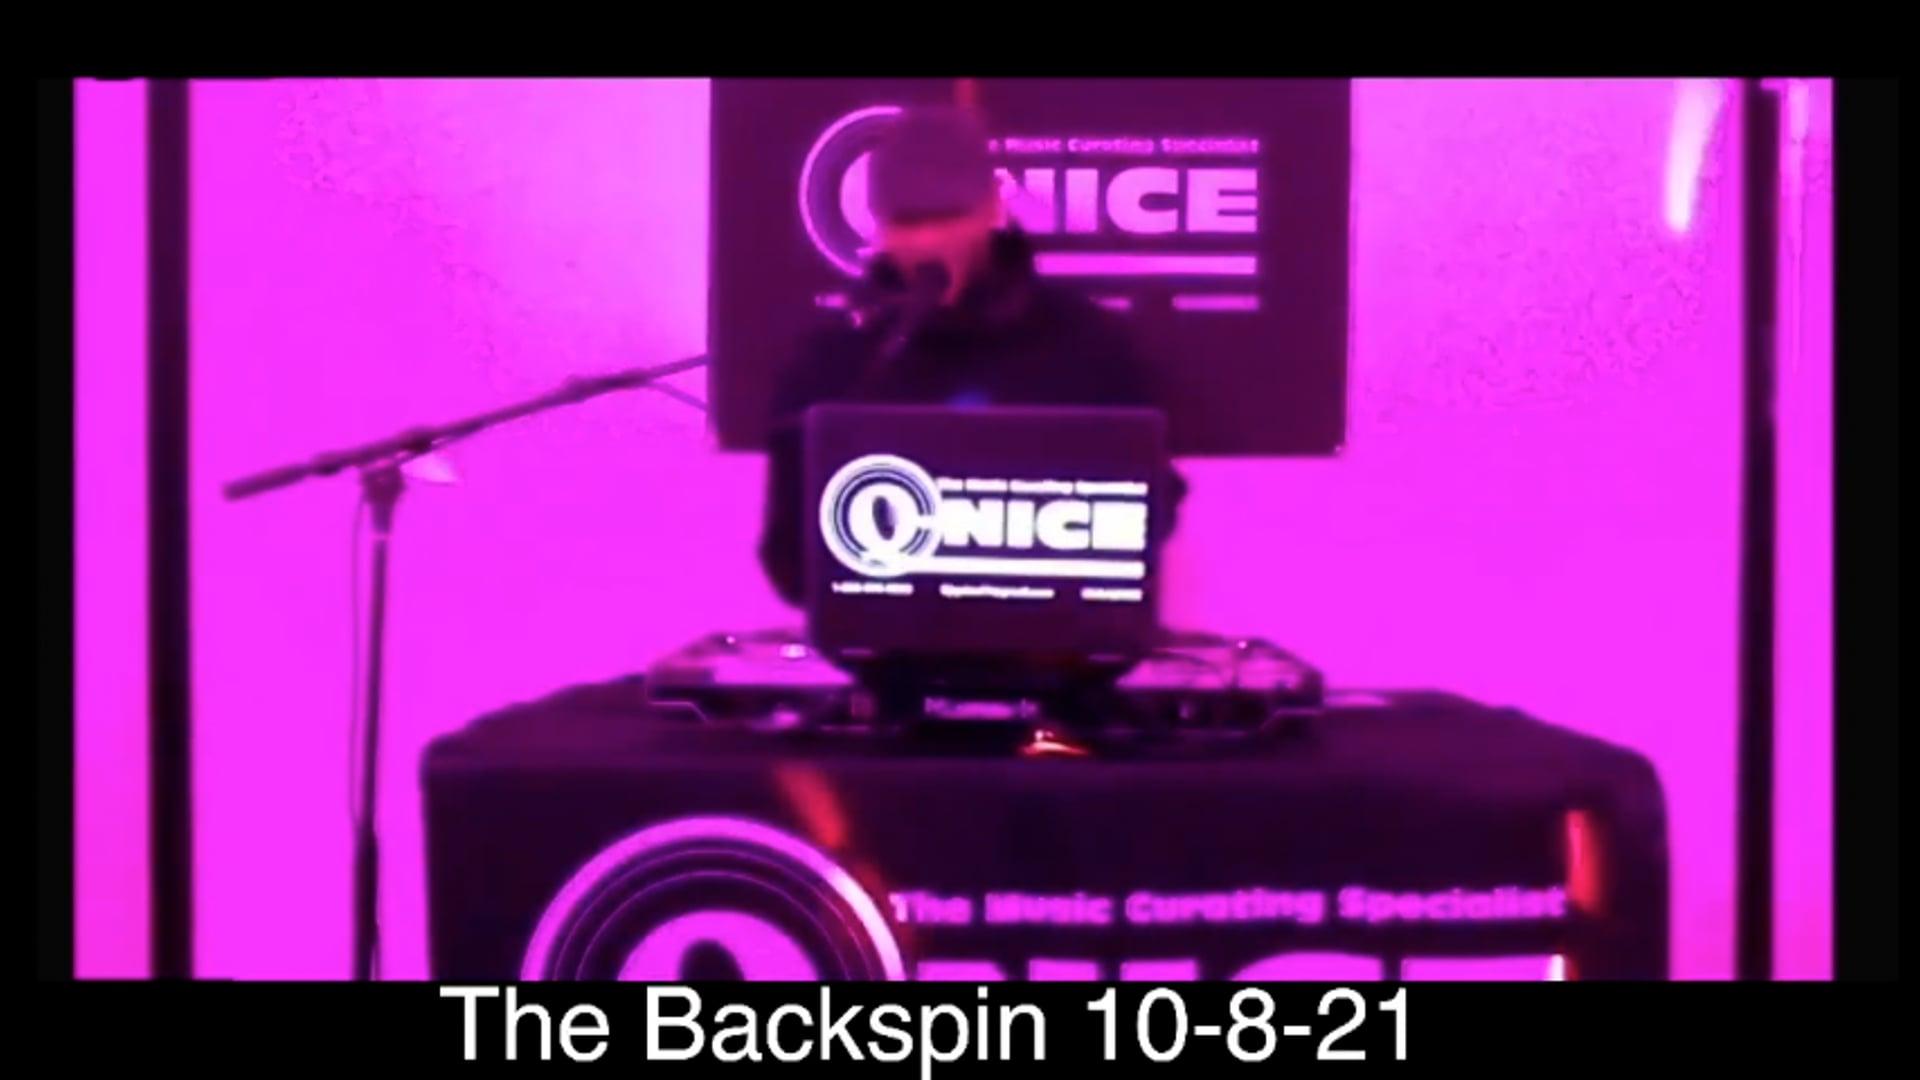 The Backspin 10-8-21